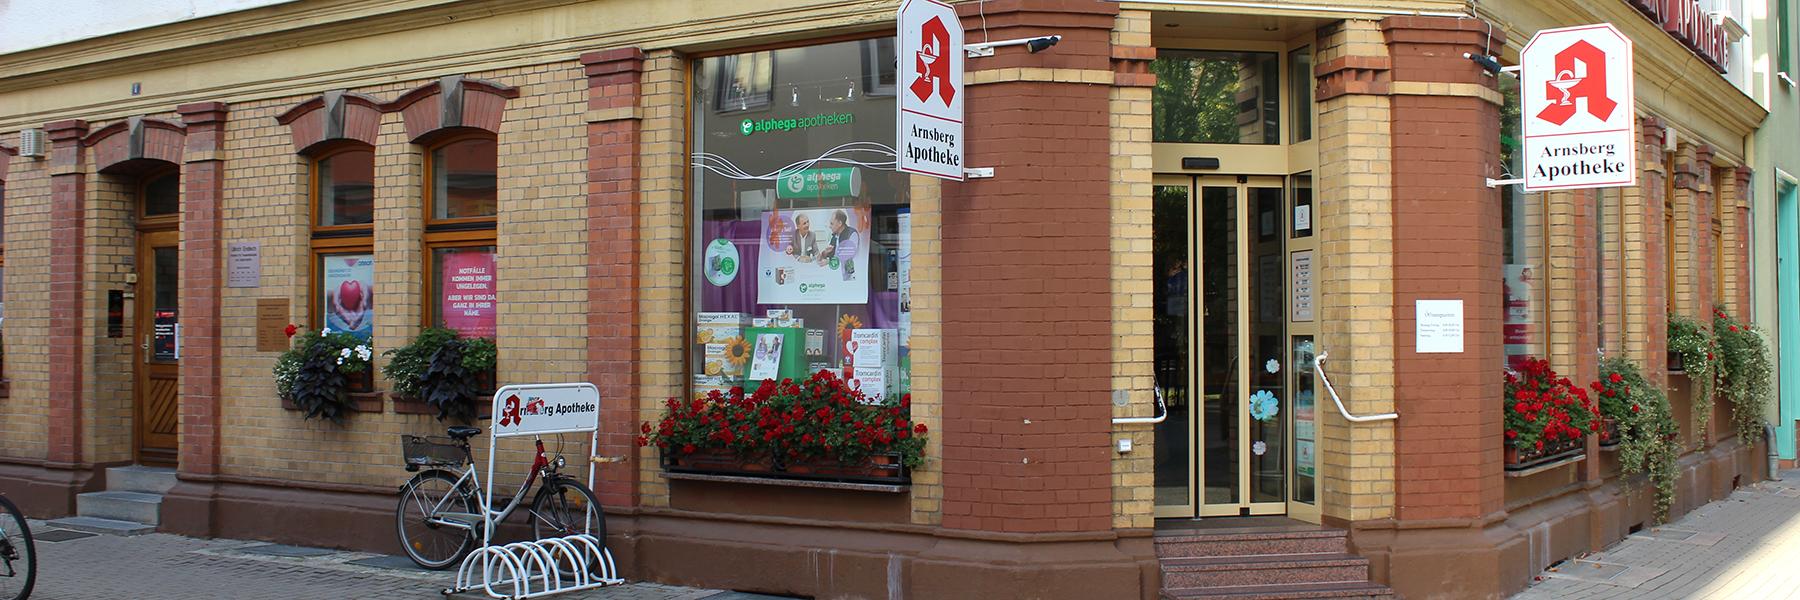 Herzlich willkommen in Ihrer Arnsberg-Apotheke